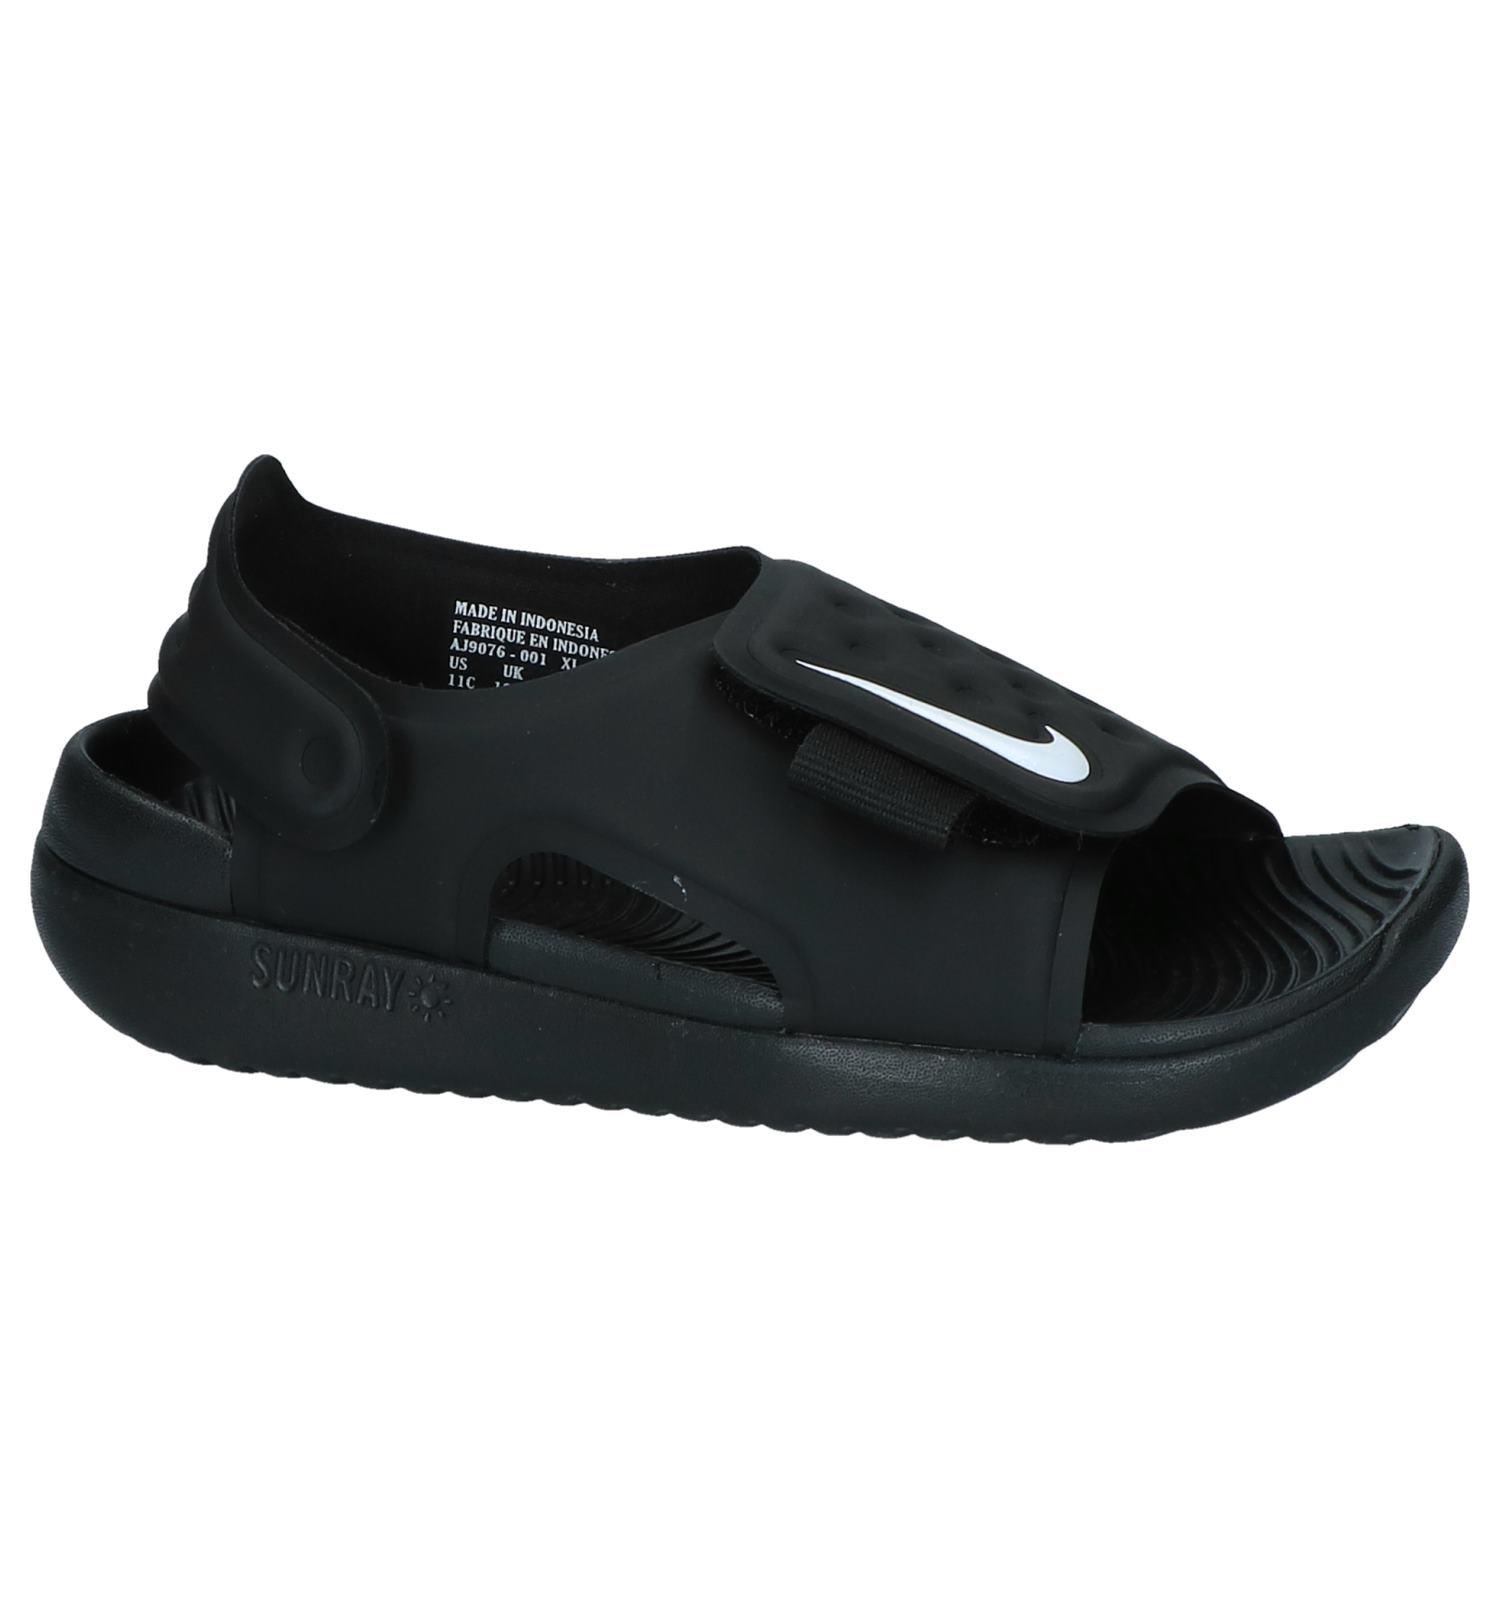 cheap for discount 81da3 764ee Zwarte Watersandalen Nike Sunray Adjust  TORFS.BE  Gratis verzend en  retour